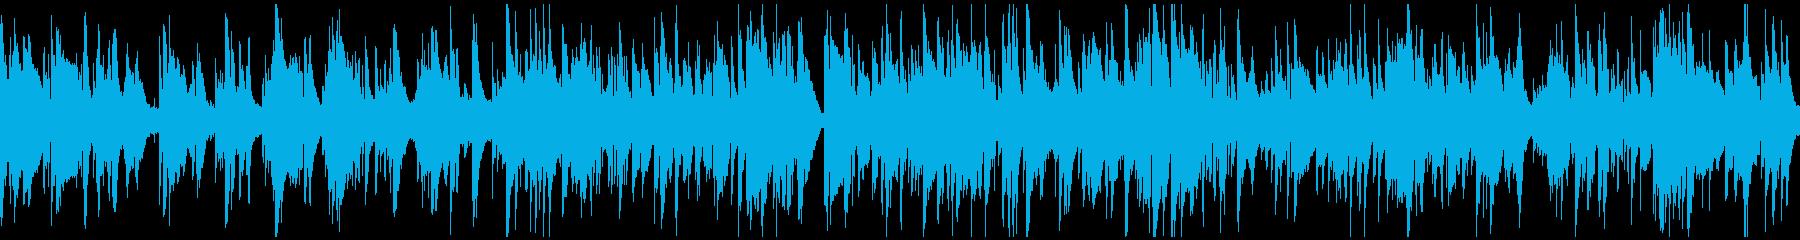 テクニカルな夜の達人系バラード※ループ版の再生済みの波形